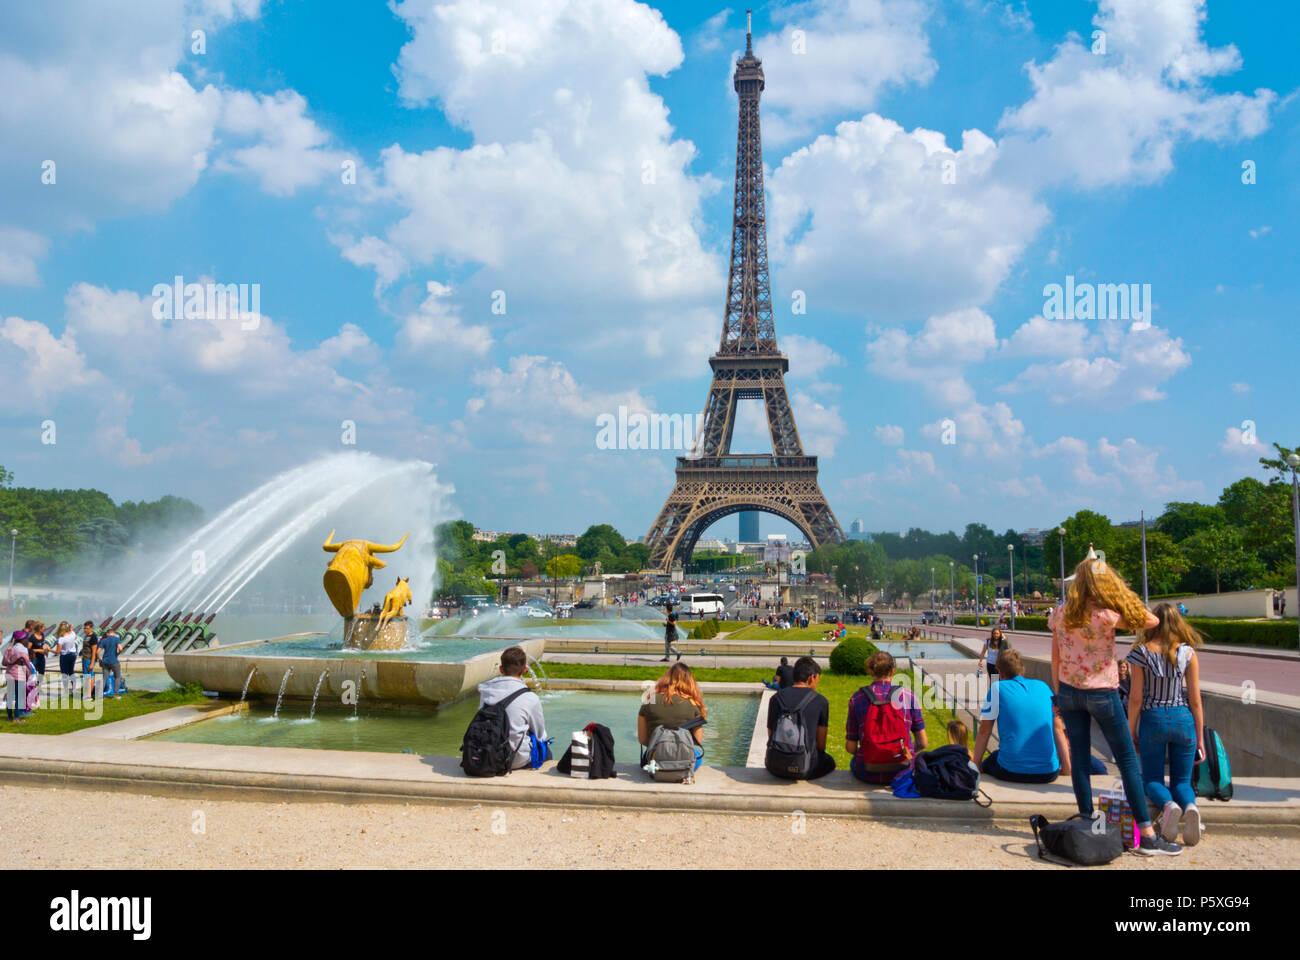 Eiffel tower, seen from Trocadero, Jardins du Trocadero, Place de Trocadero, Paris, France - Stock Image